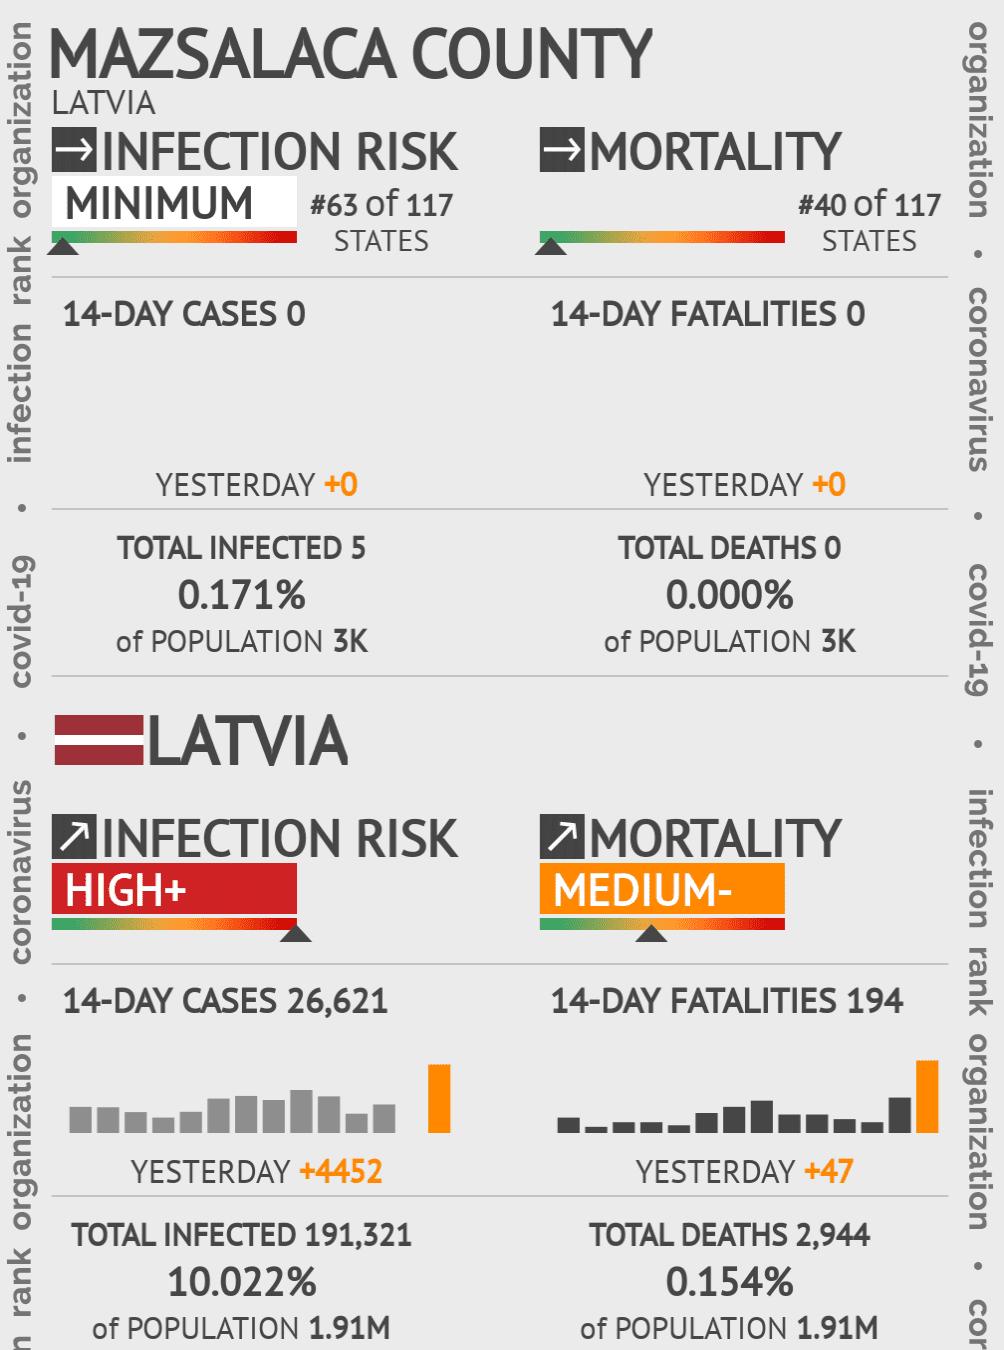 Mazsalaca county Coronavirus Covid-19 Risk of Infection on May 14, 2020